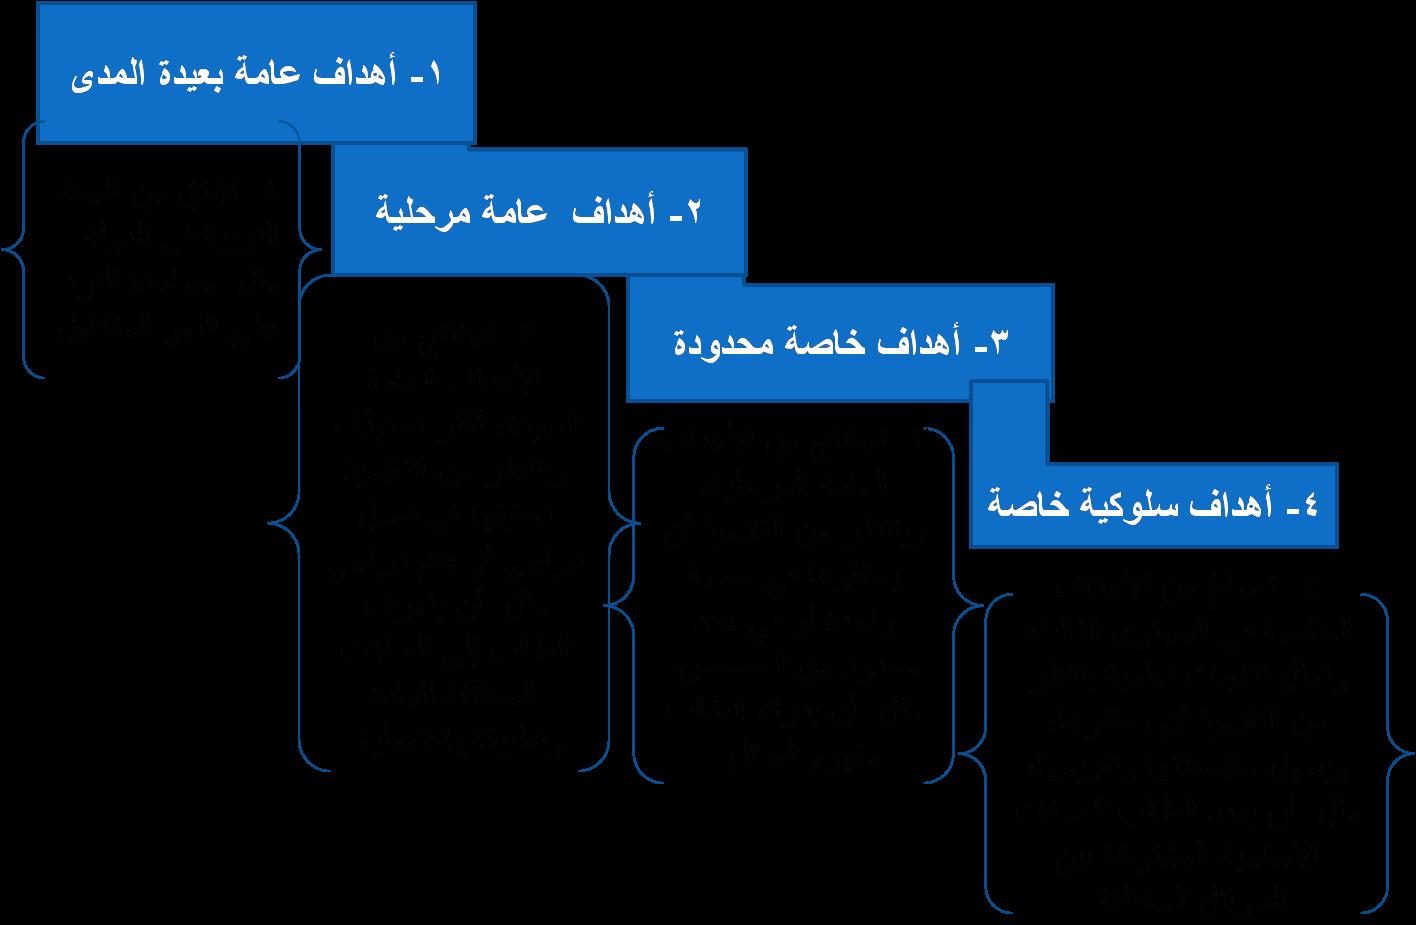 الأهداف السلوكية مفهومها مكوناتها شروطها مجالاتها